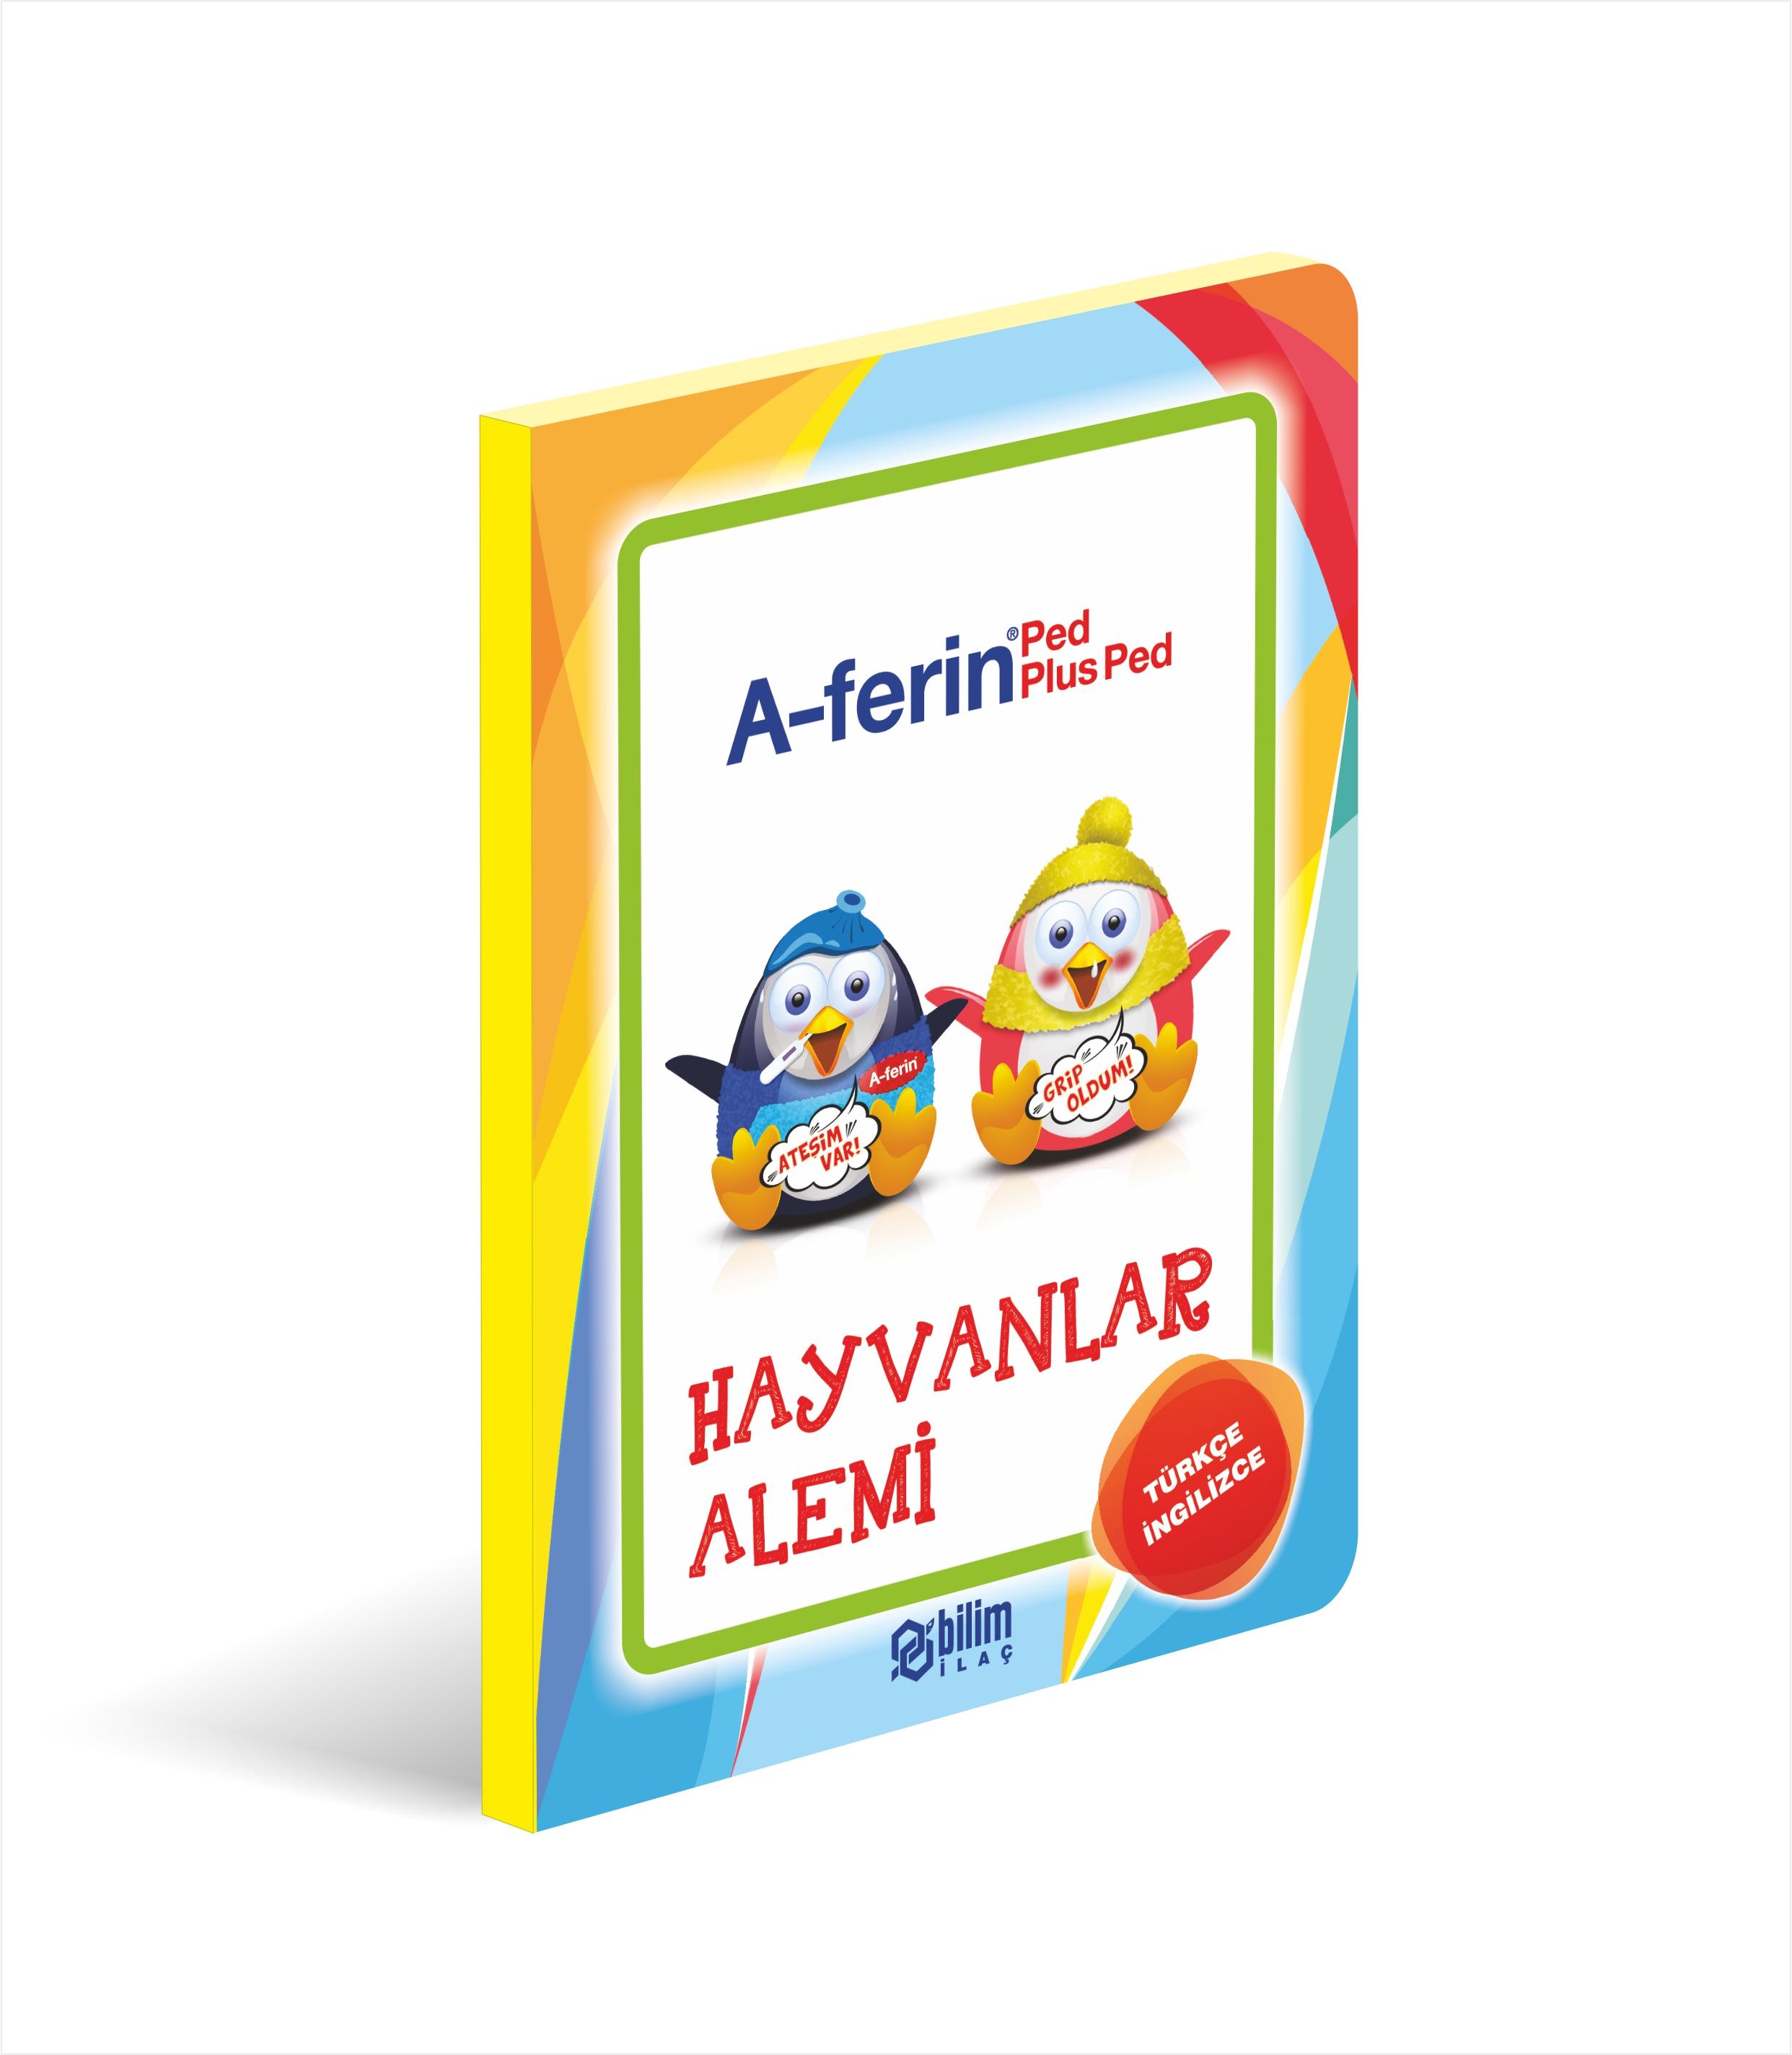 Hayvanlar alemi çocuk kitabı